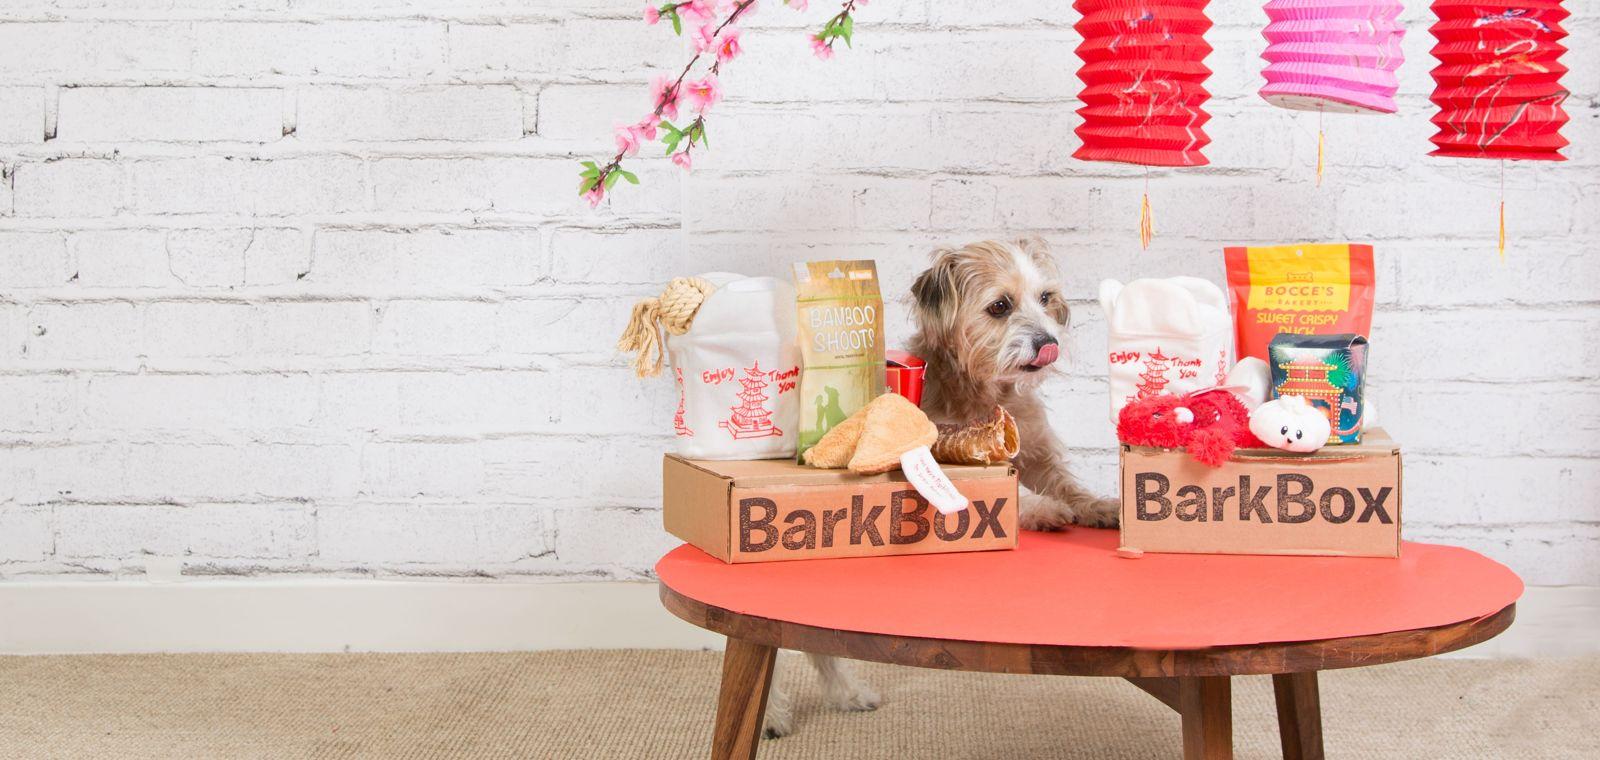 50 Bowery_Specials_Bark Box 1